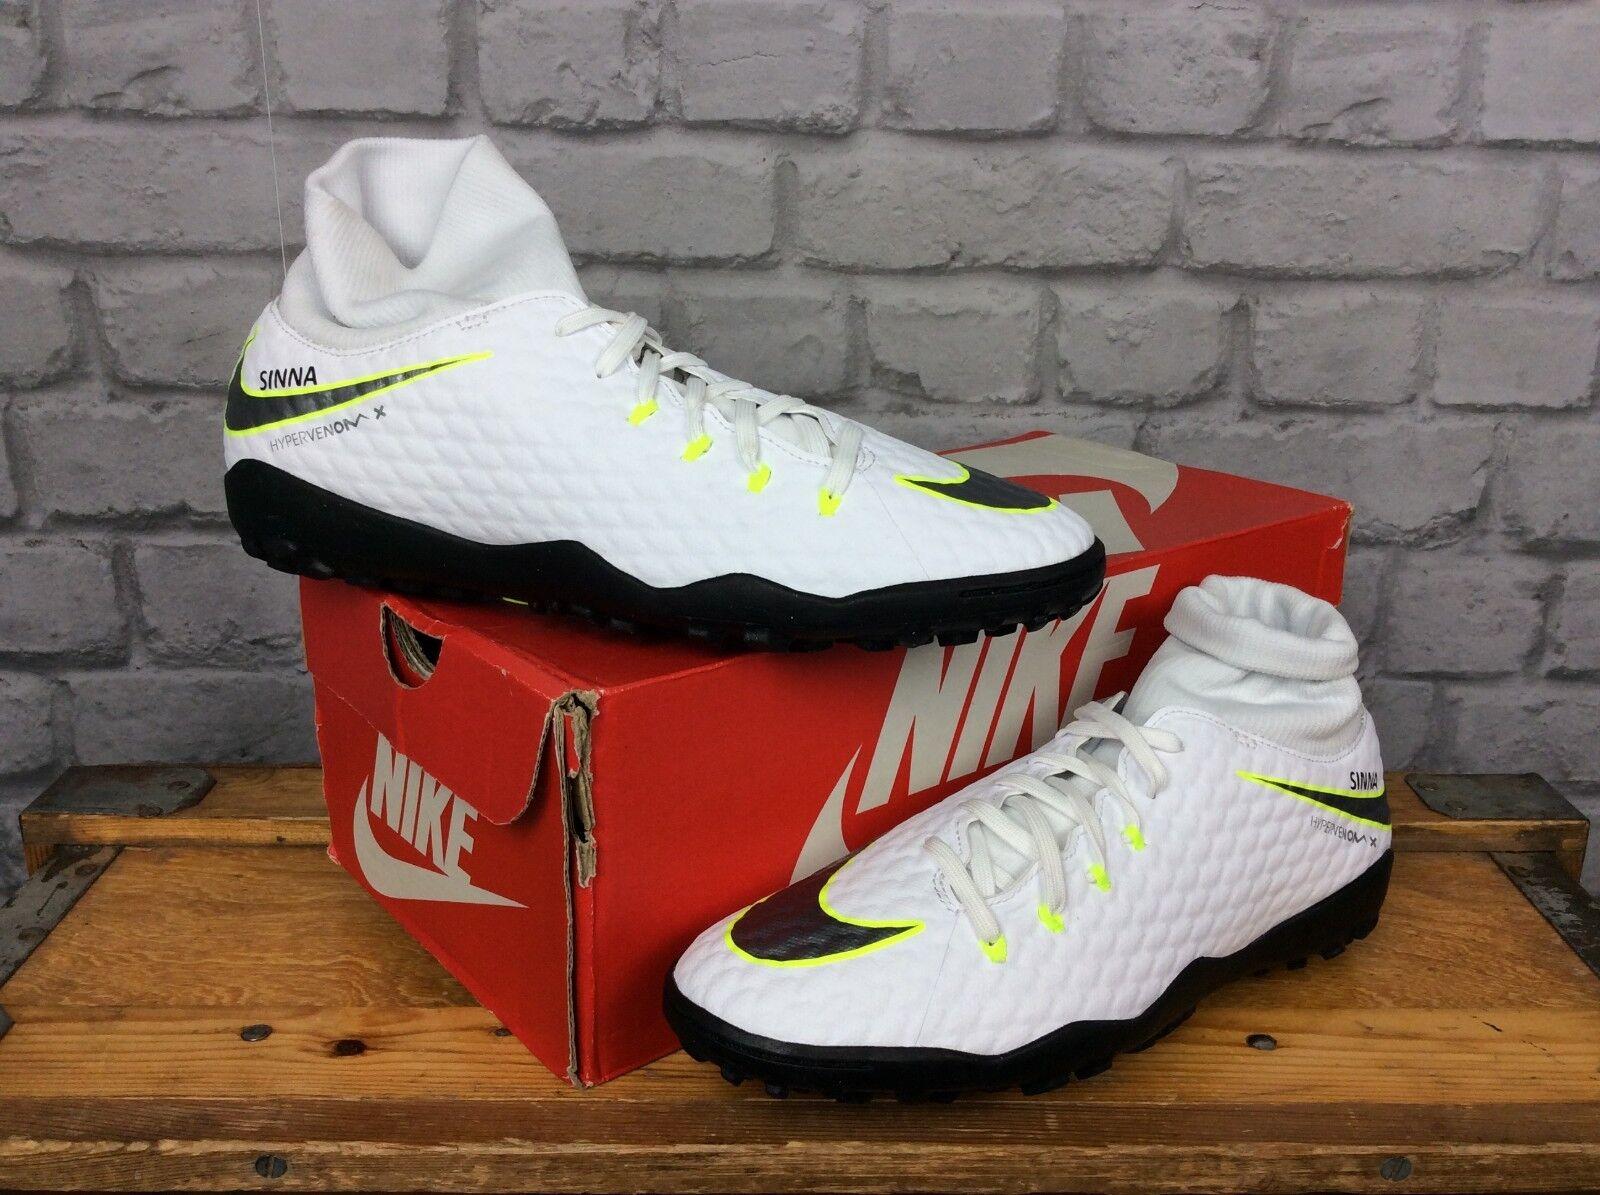 Nike Hombre Uk 8 UE 42.5 blancoo Hypervenom Fantasma 3 ajuste dinámico FG botas de fútbol